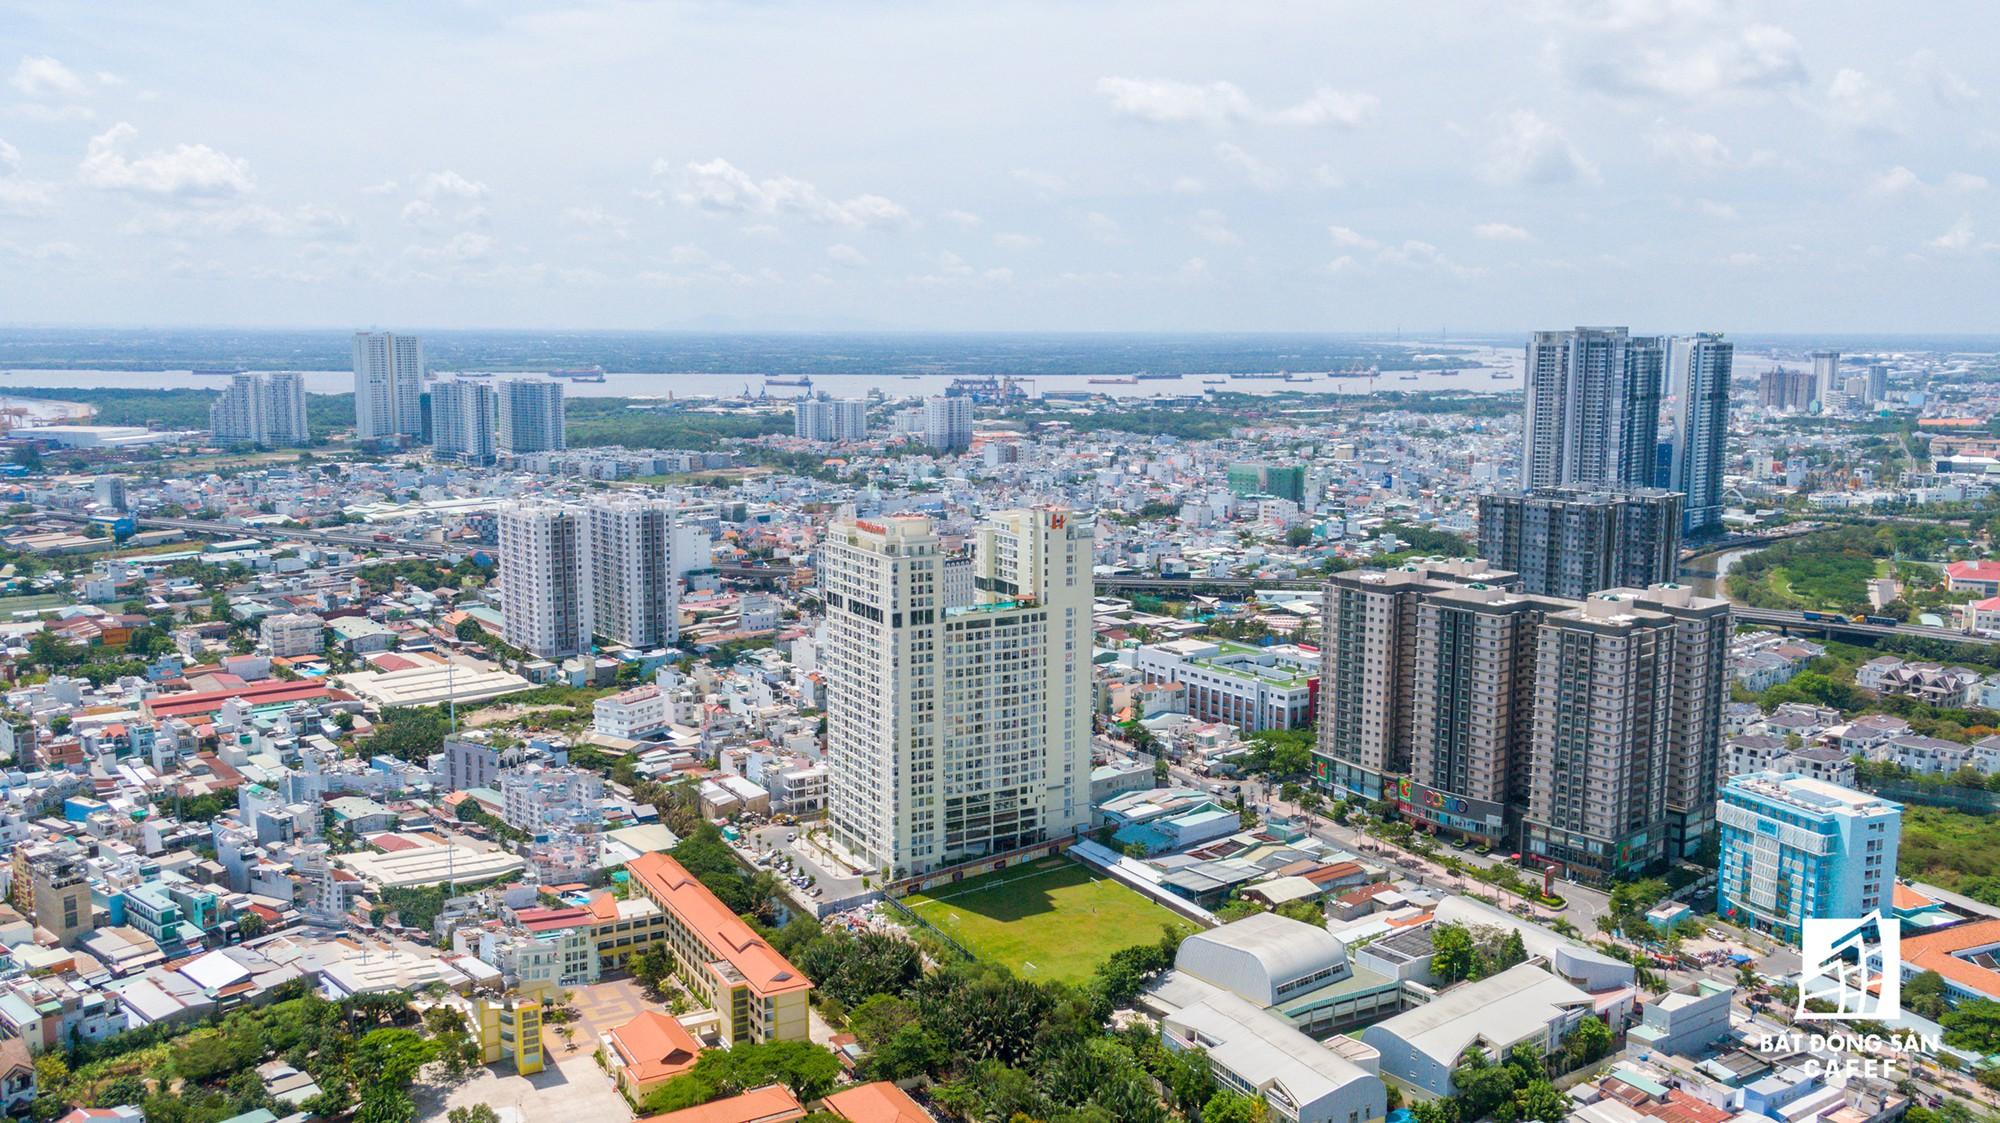 Cung đường dự án tỷ đô khiến bất động sản khu Nam Sài Gòn trỗi dậy - Ảnh 7.